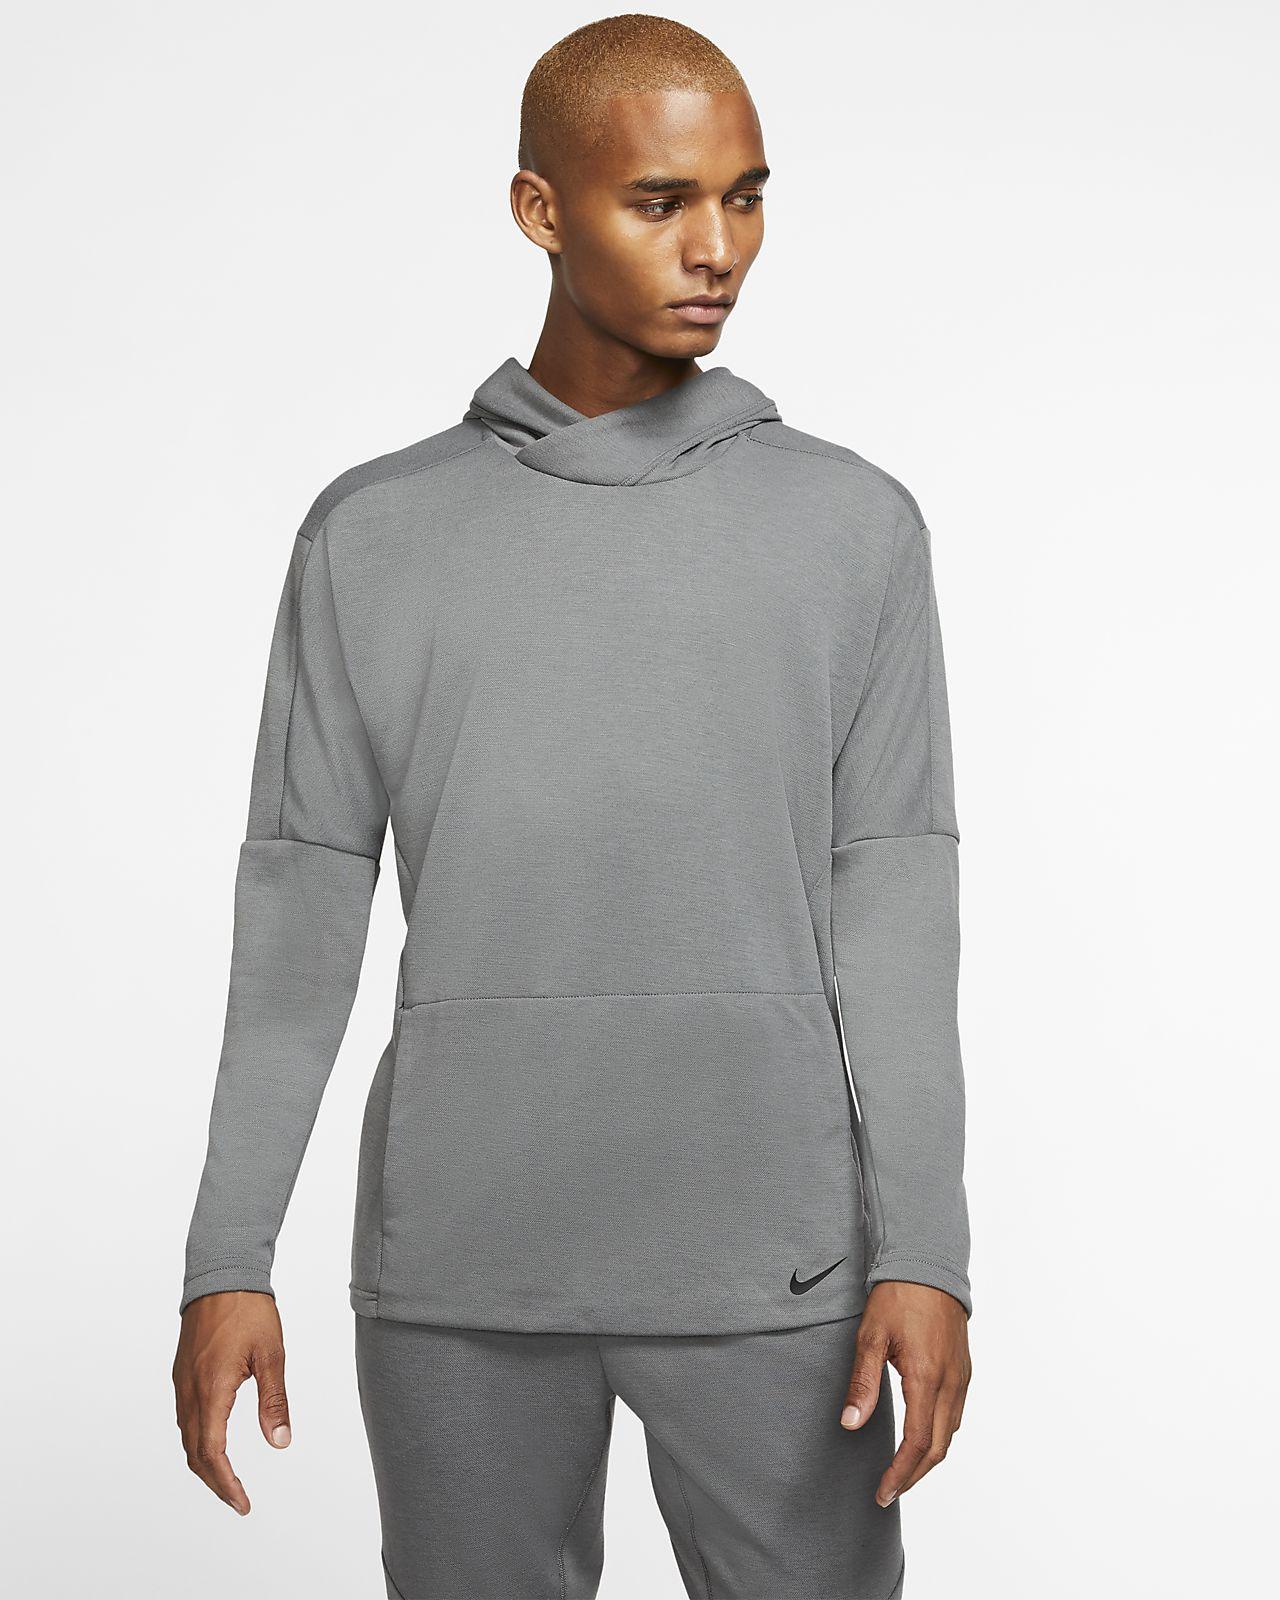 Nike Yoga Dri FIT hettegenser til herre